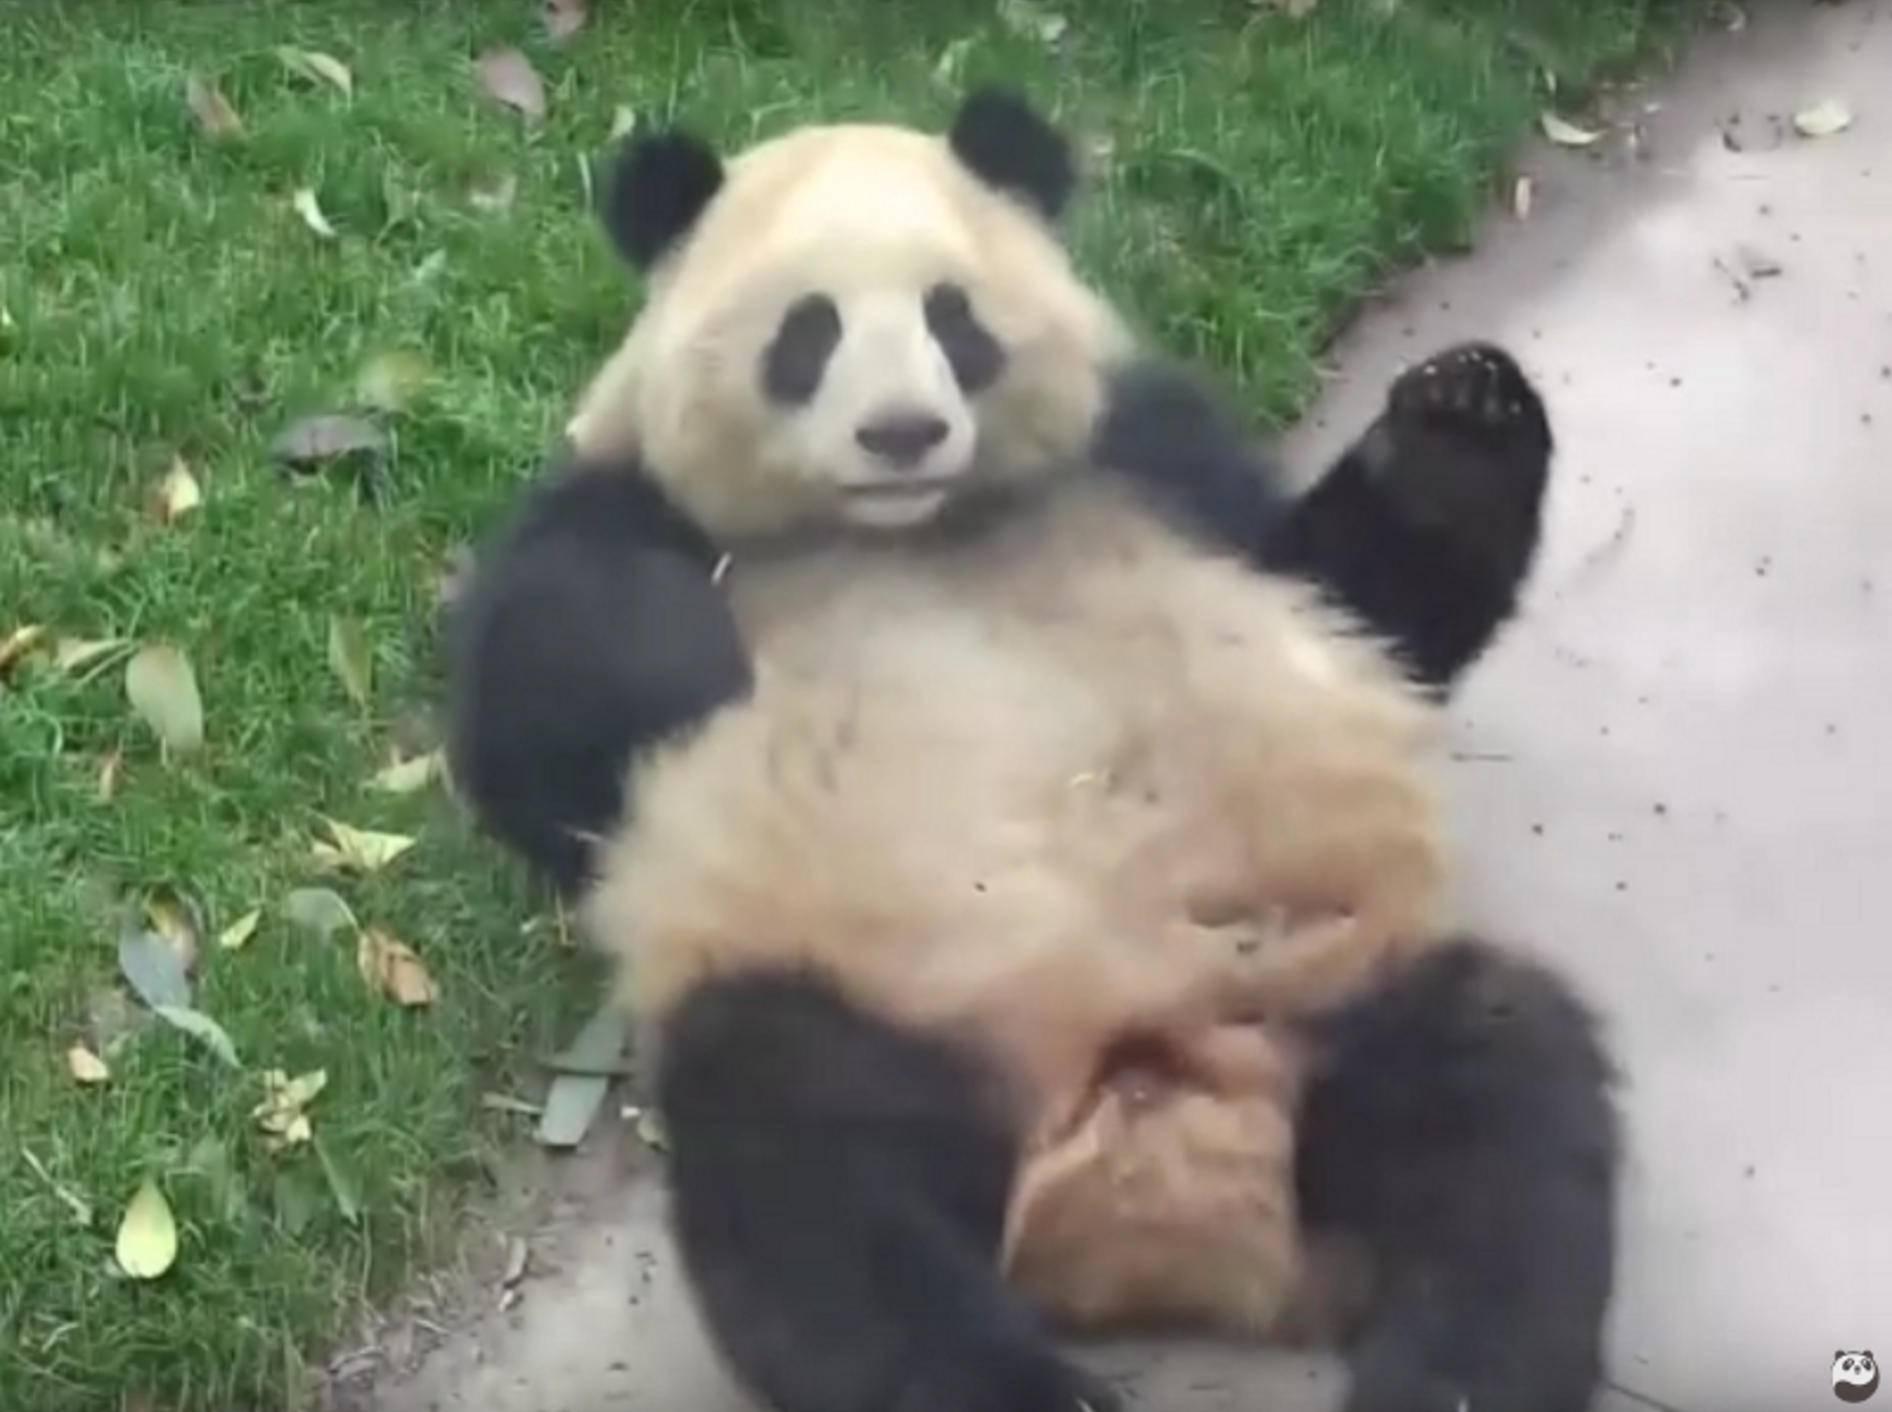 Der Panda hat Spaß an Überschlägen – YouTube / iPanda